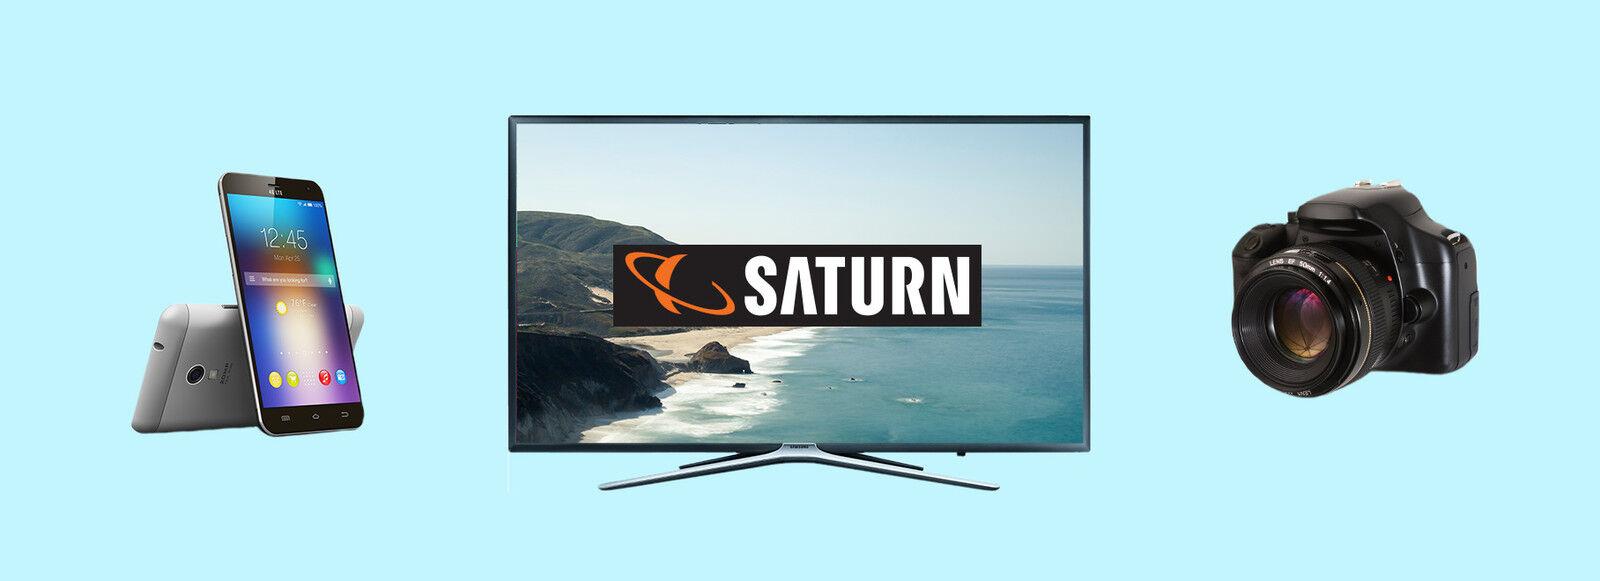 Die Highlights aus der aktuellen Saturn Werbung bei eBay